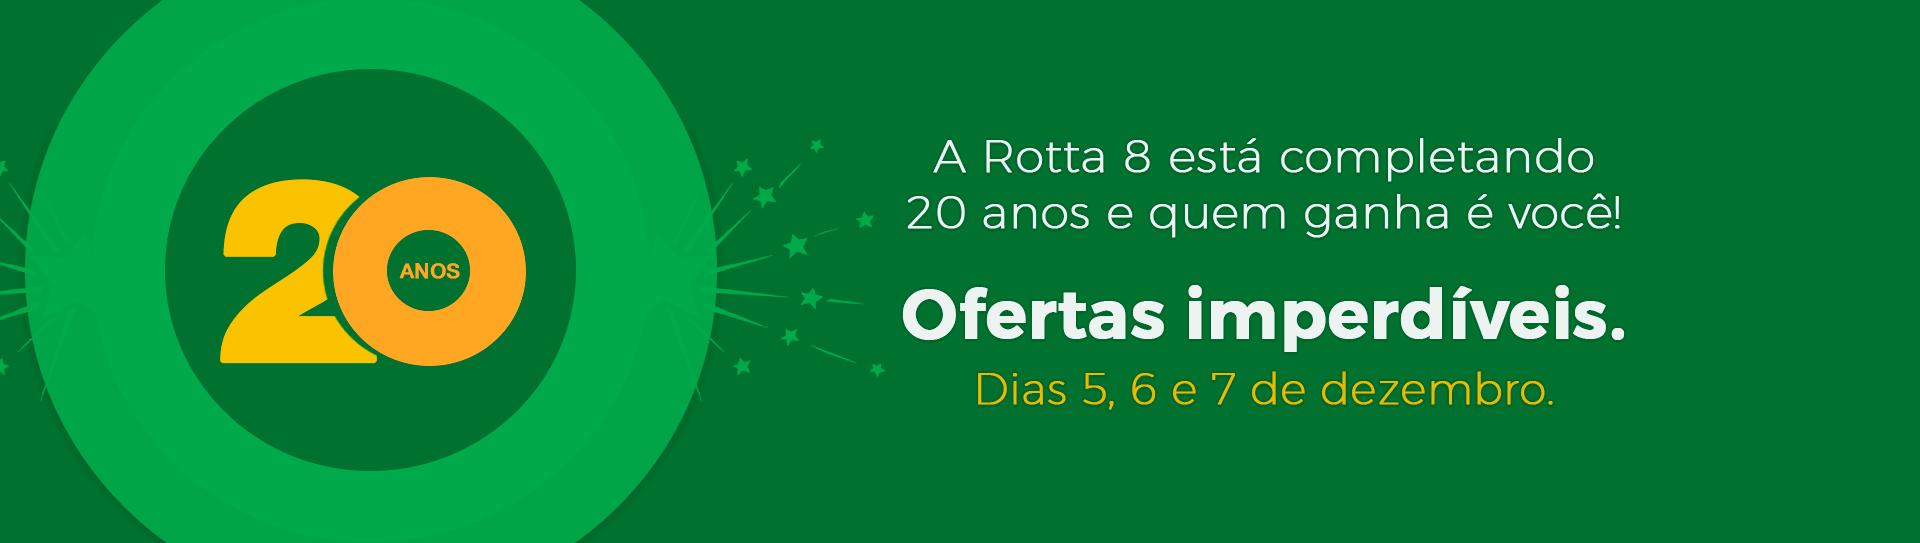 Banner Rotta 8 Matriz - Linha Verde